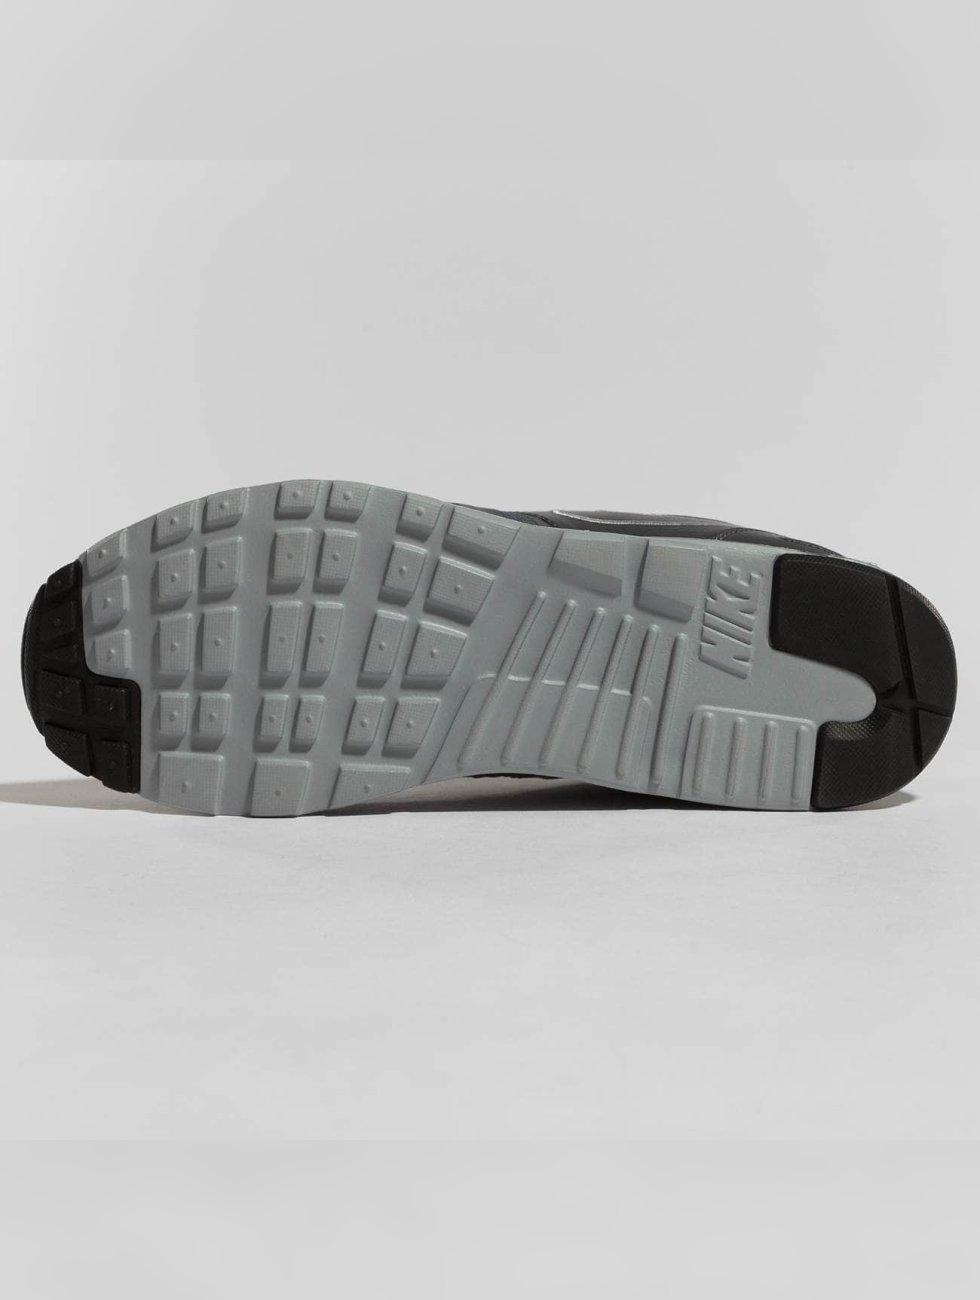 Vision Chaussure Air / Chaussure Nike Max Soi En Gris 444254 obtenir Jeu Moins Cher Pas Cher Choisissez Un Meilleur Vue Pas Cher Populaire Pour La Vente KzkYkG